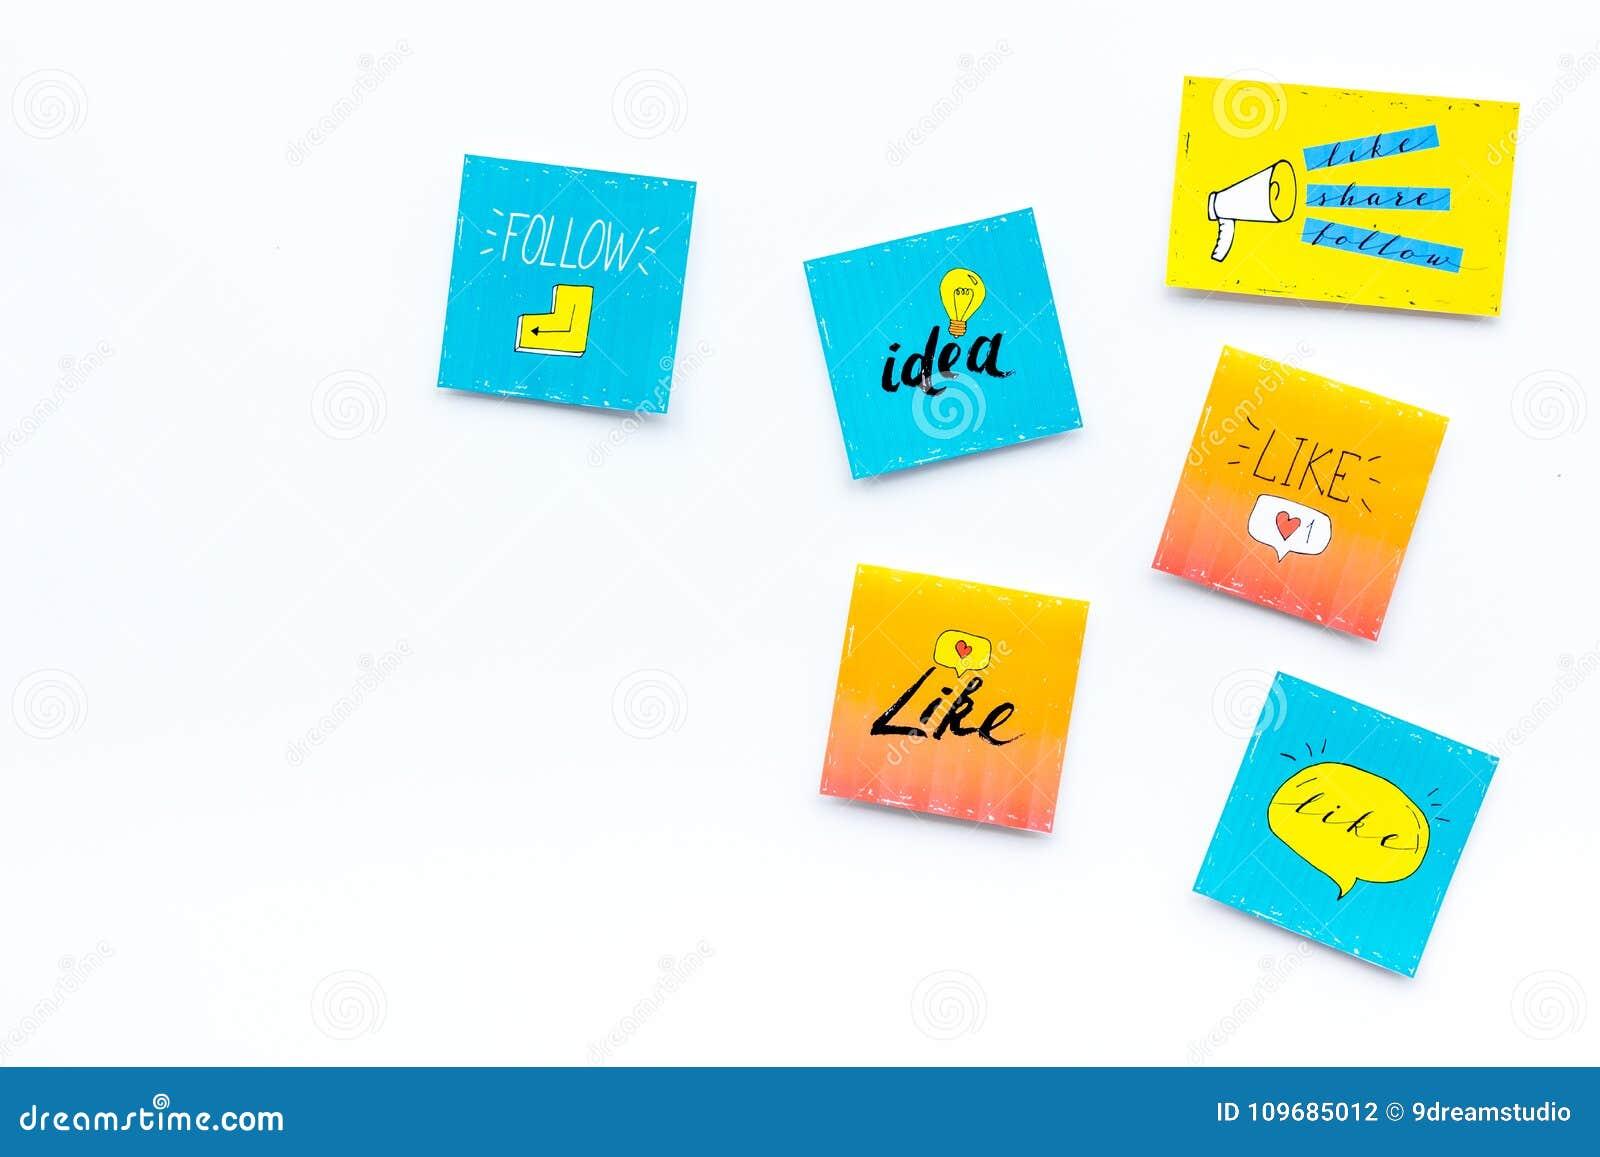 Cyfrowego marketing Ogólnospołeczne medialne ikony i symbole na białej tło odgórnego widoku kopii przestrzeni